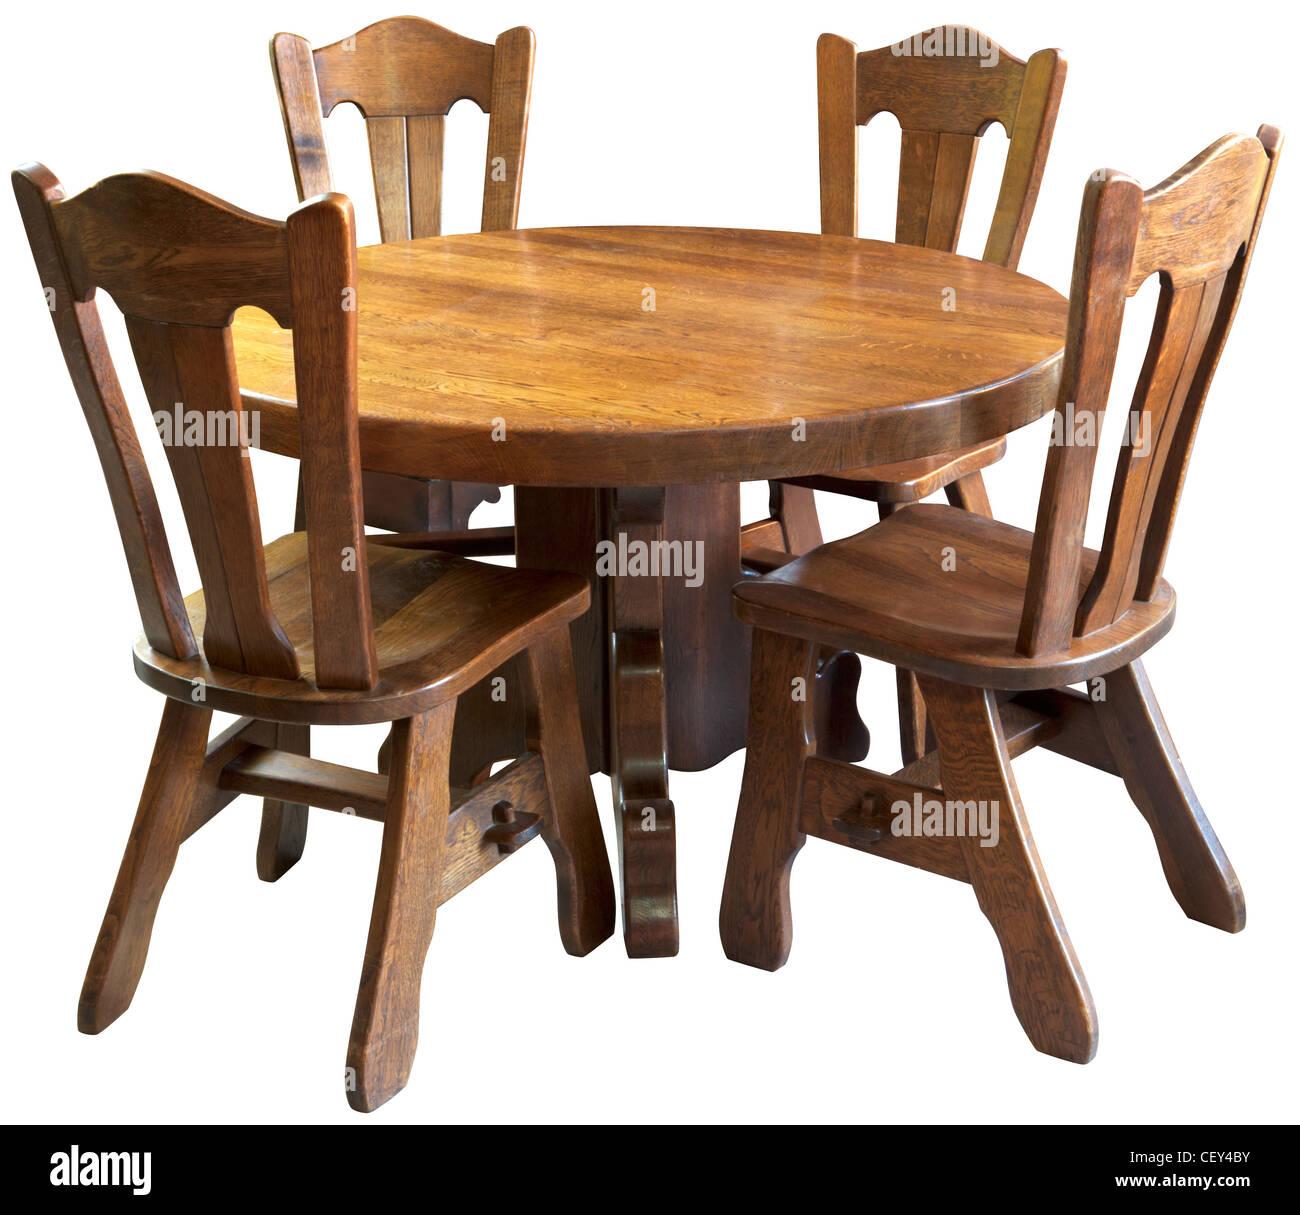 Classico in legno massiccio tavolo da cucina set, isolati su sfondo ...